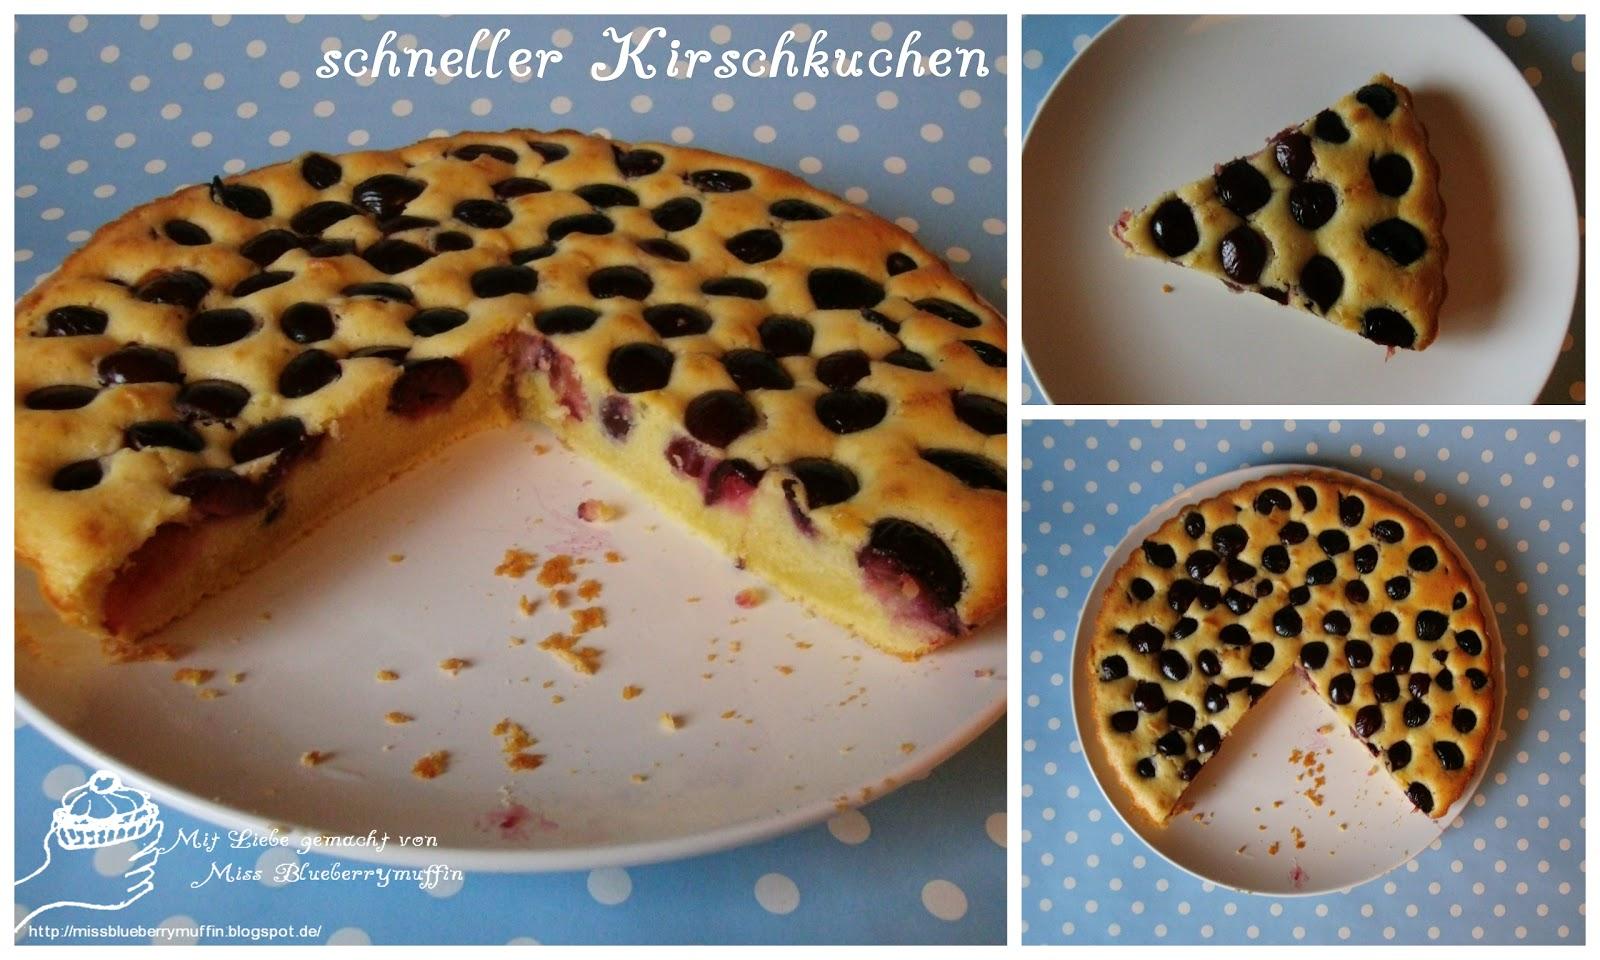 miss blueberrymuffin 39 s kitchen schneller kirschkuchen. Black Bedroom Furniture Sets. Home Design Ideas